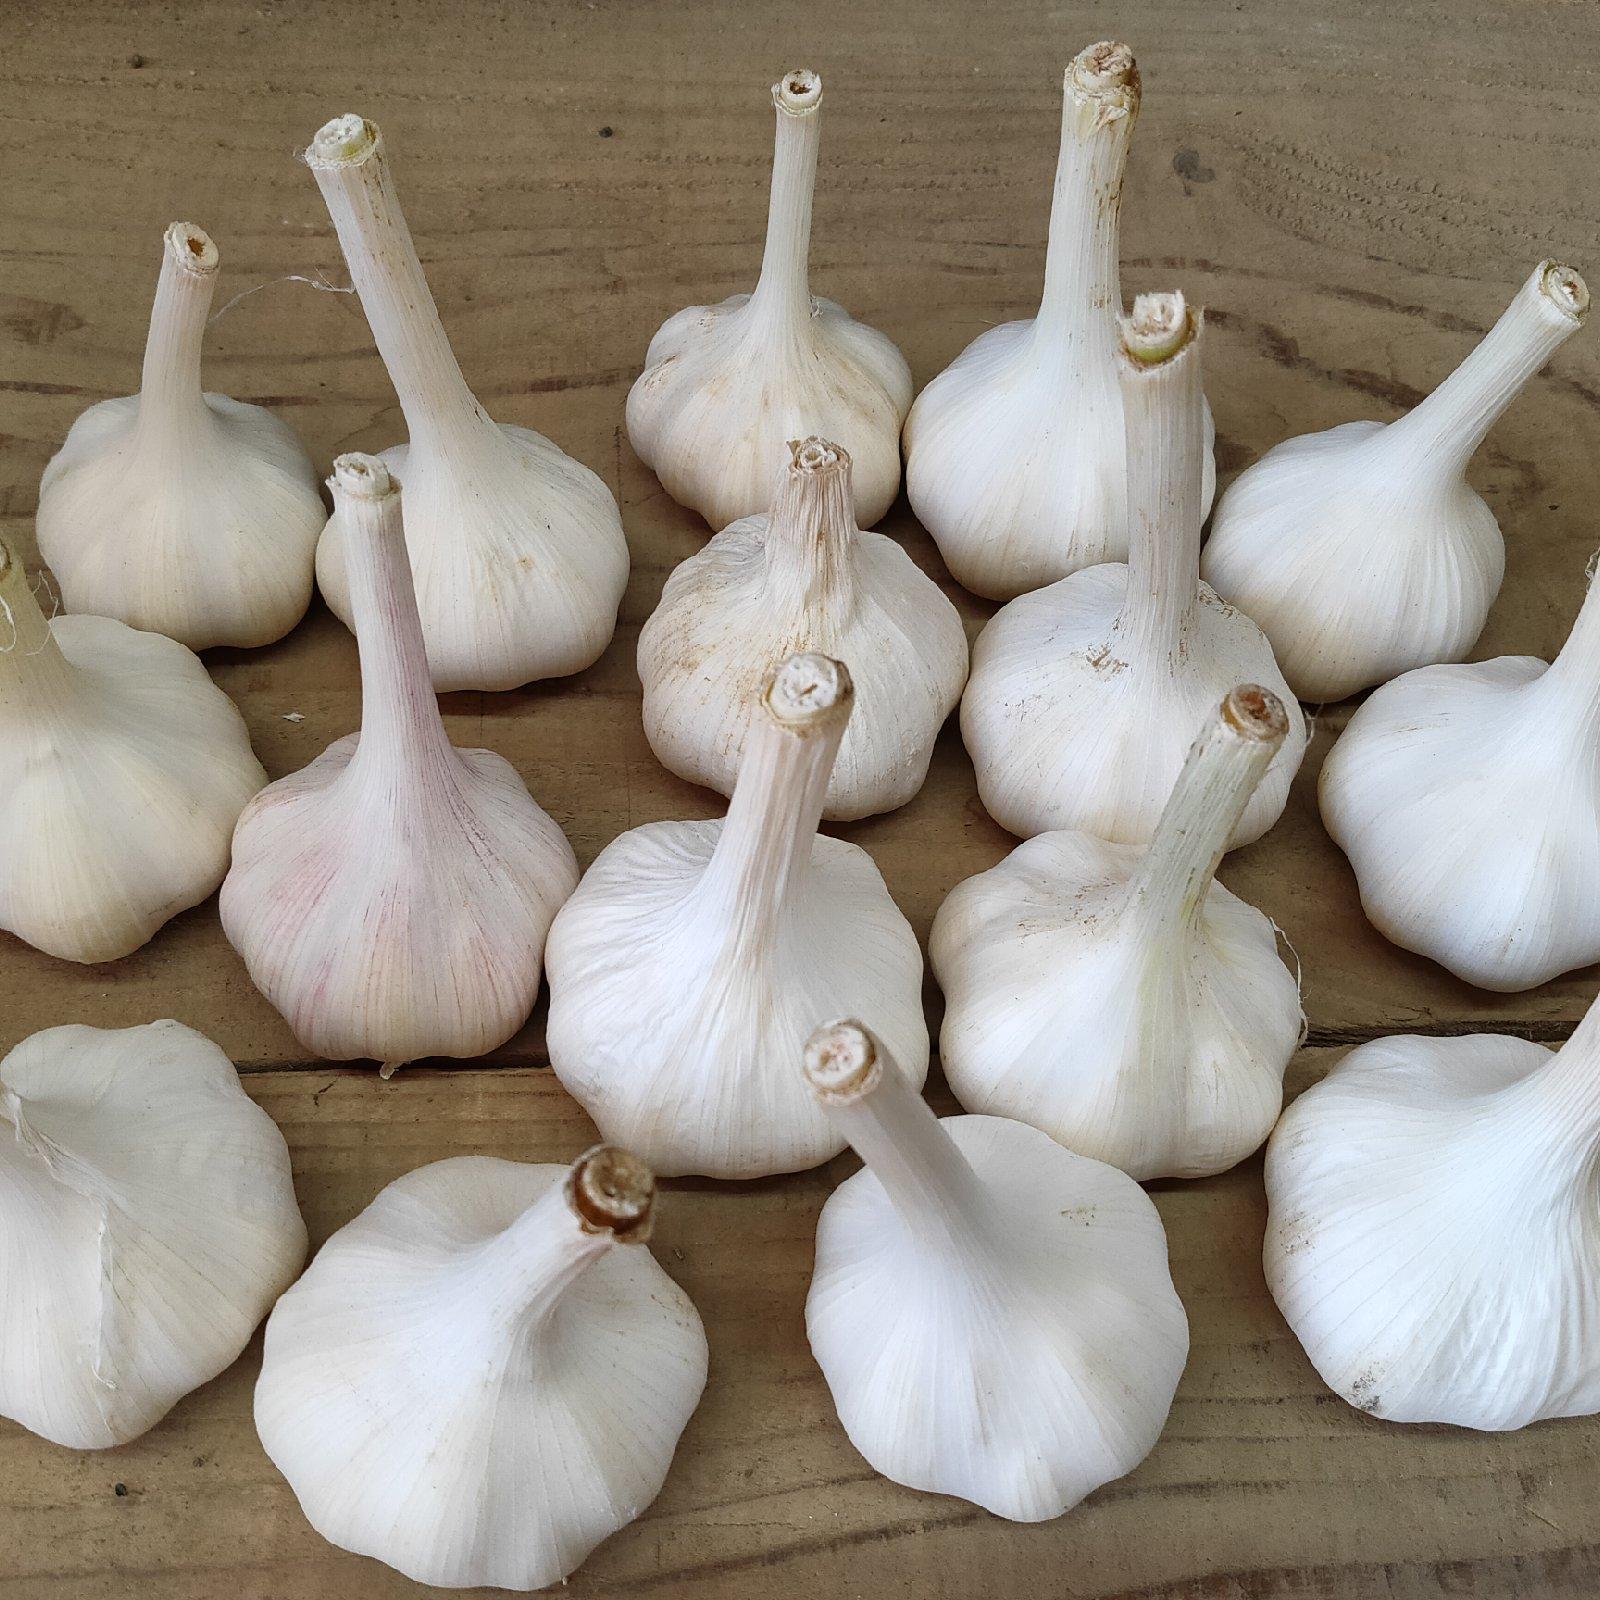 お試し★無農薬で育てたにんにく5個 にんにく5個 野菜/その他野菜通販